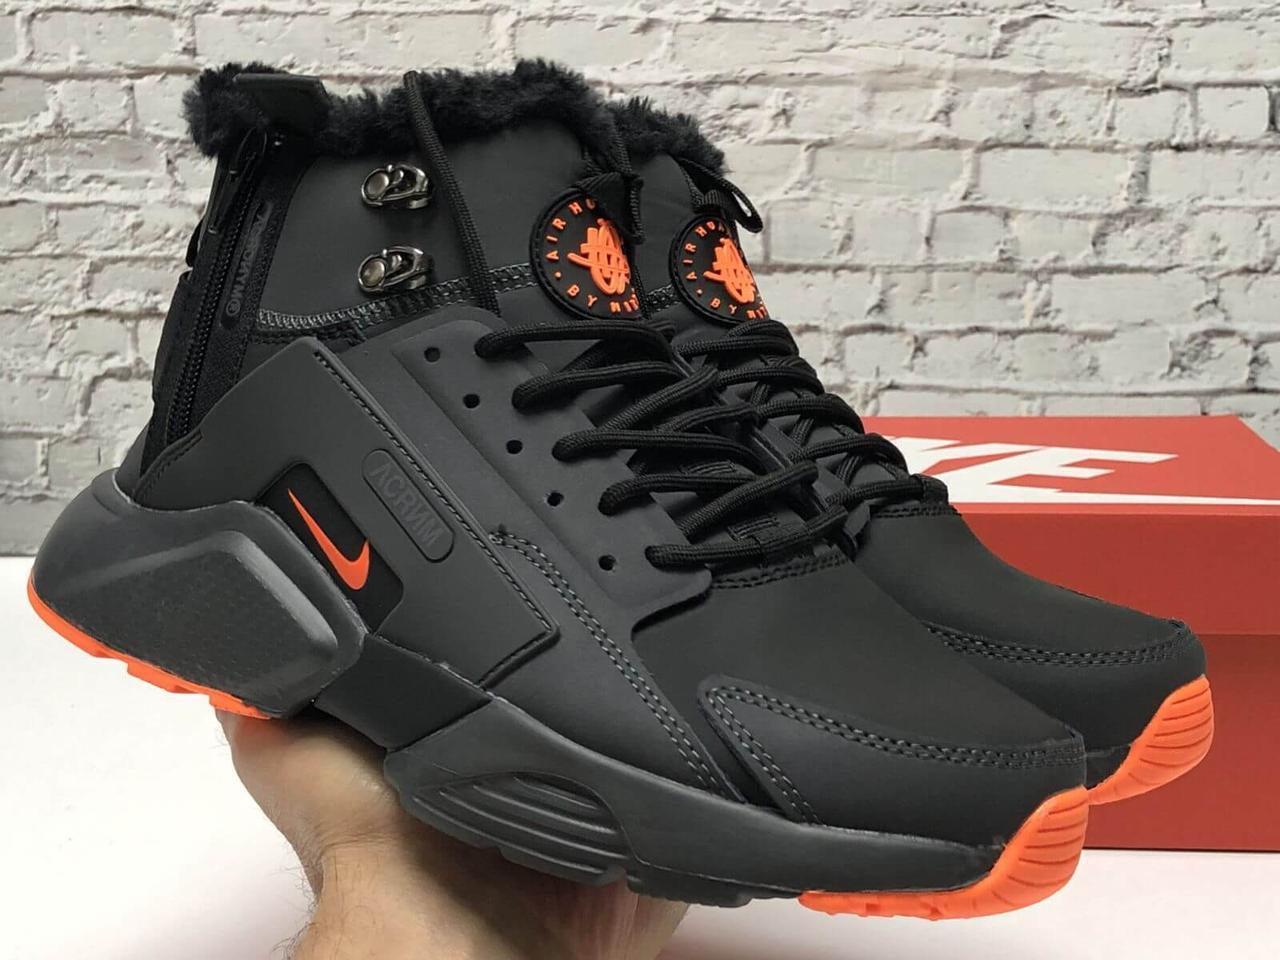 Зимние мужские кроссовки с мехом Nike Huarache X Acronym City Winter черно-серые (Найк Хуараче на меху)